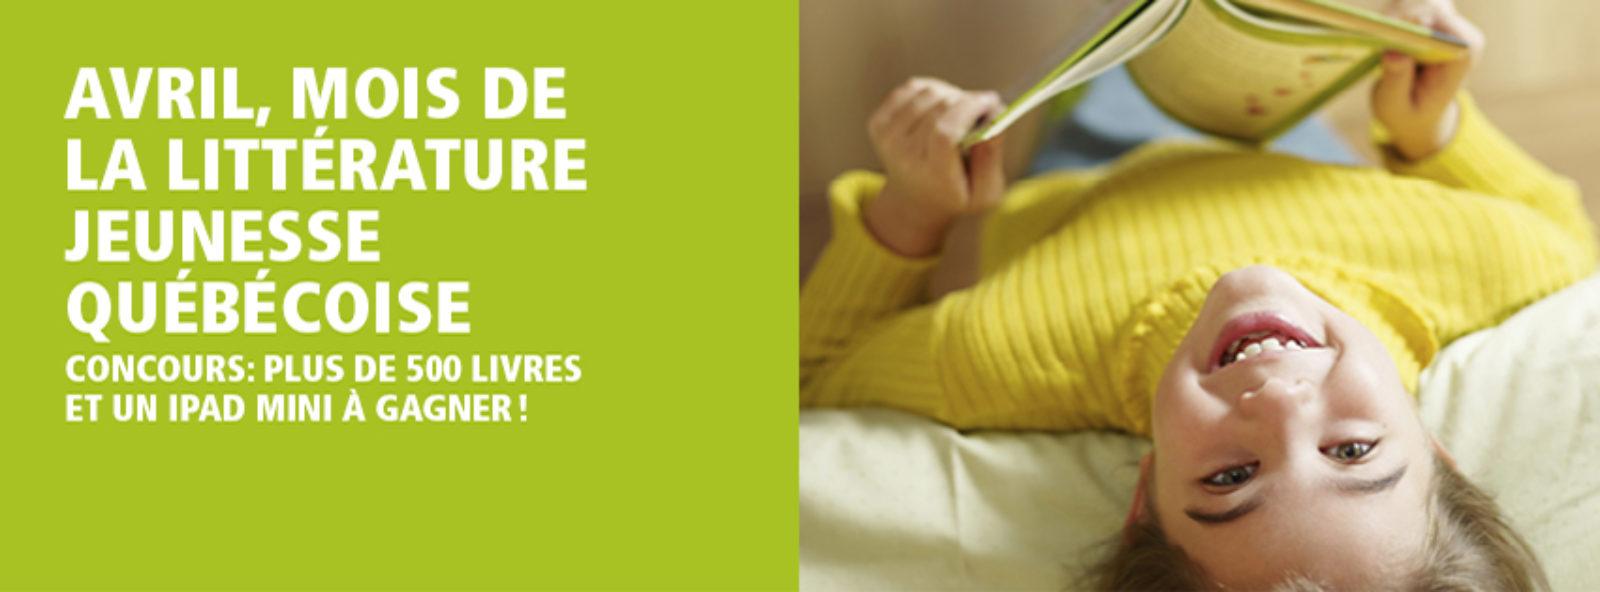 Avril, le mois de la littérature jeunesse québécoise